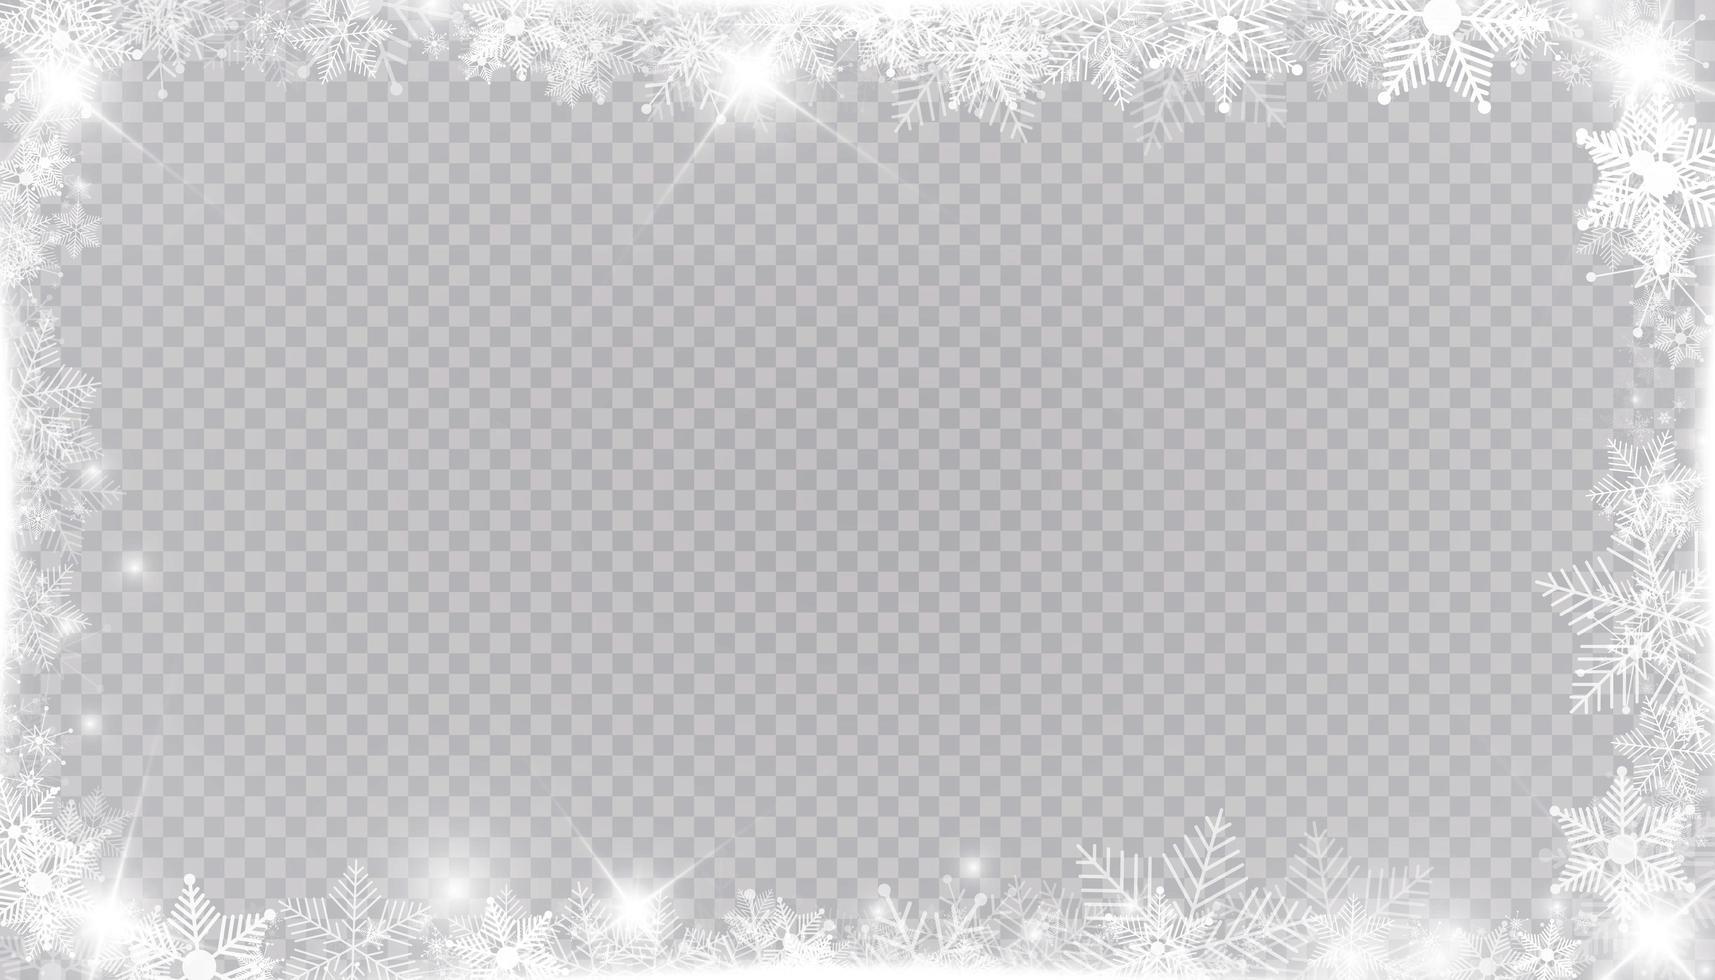 moldura de neve de inverno retangular com estrelas, brilhos e flocos de neve vetor